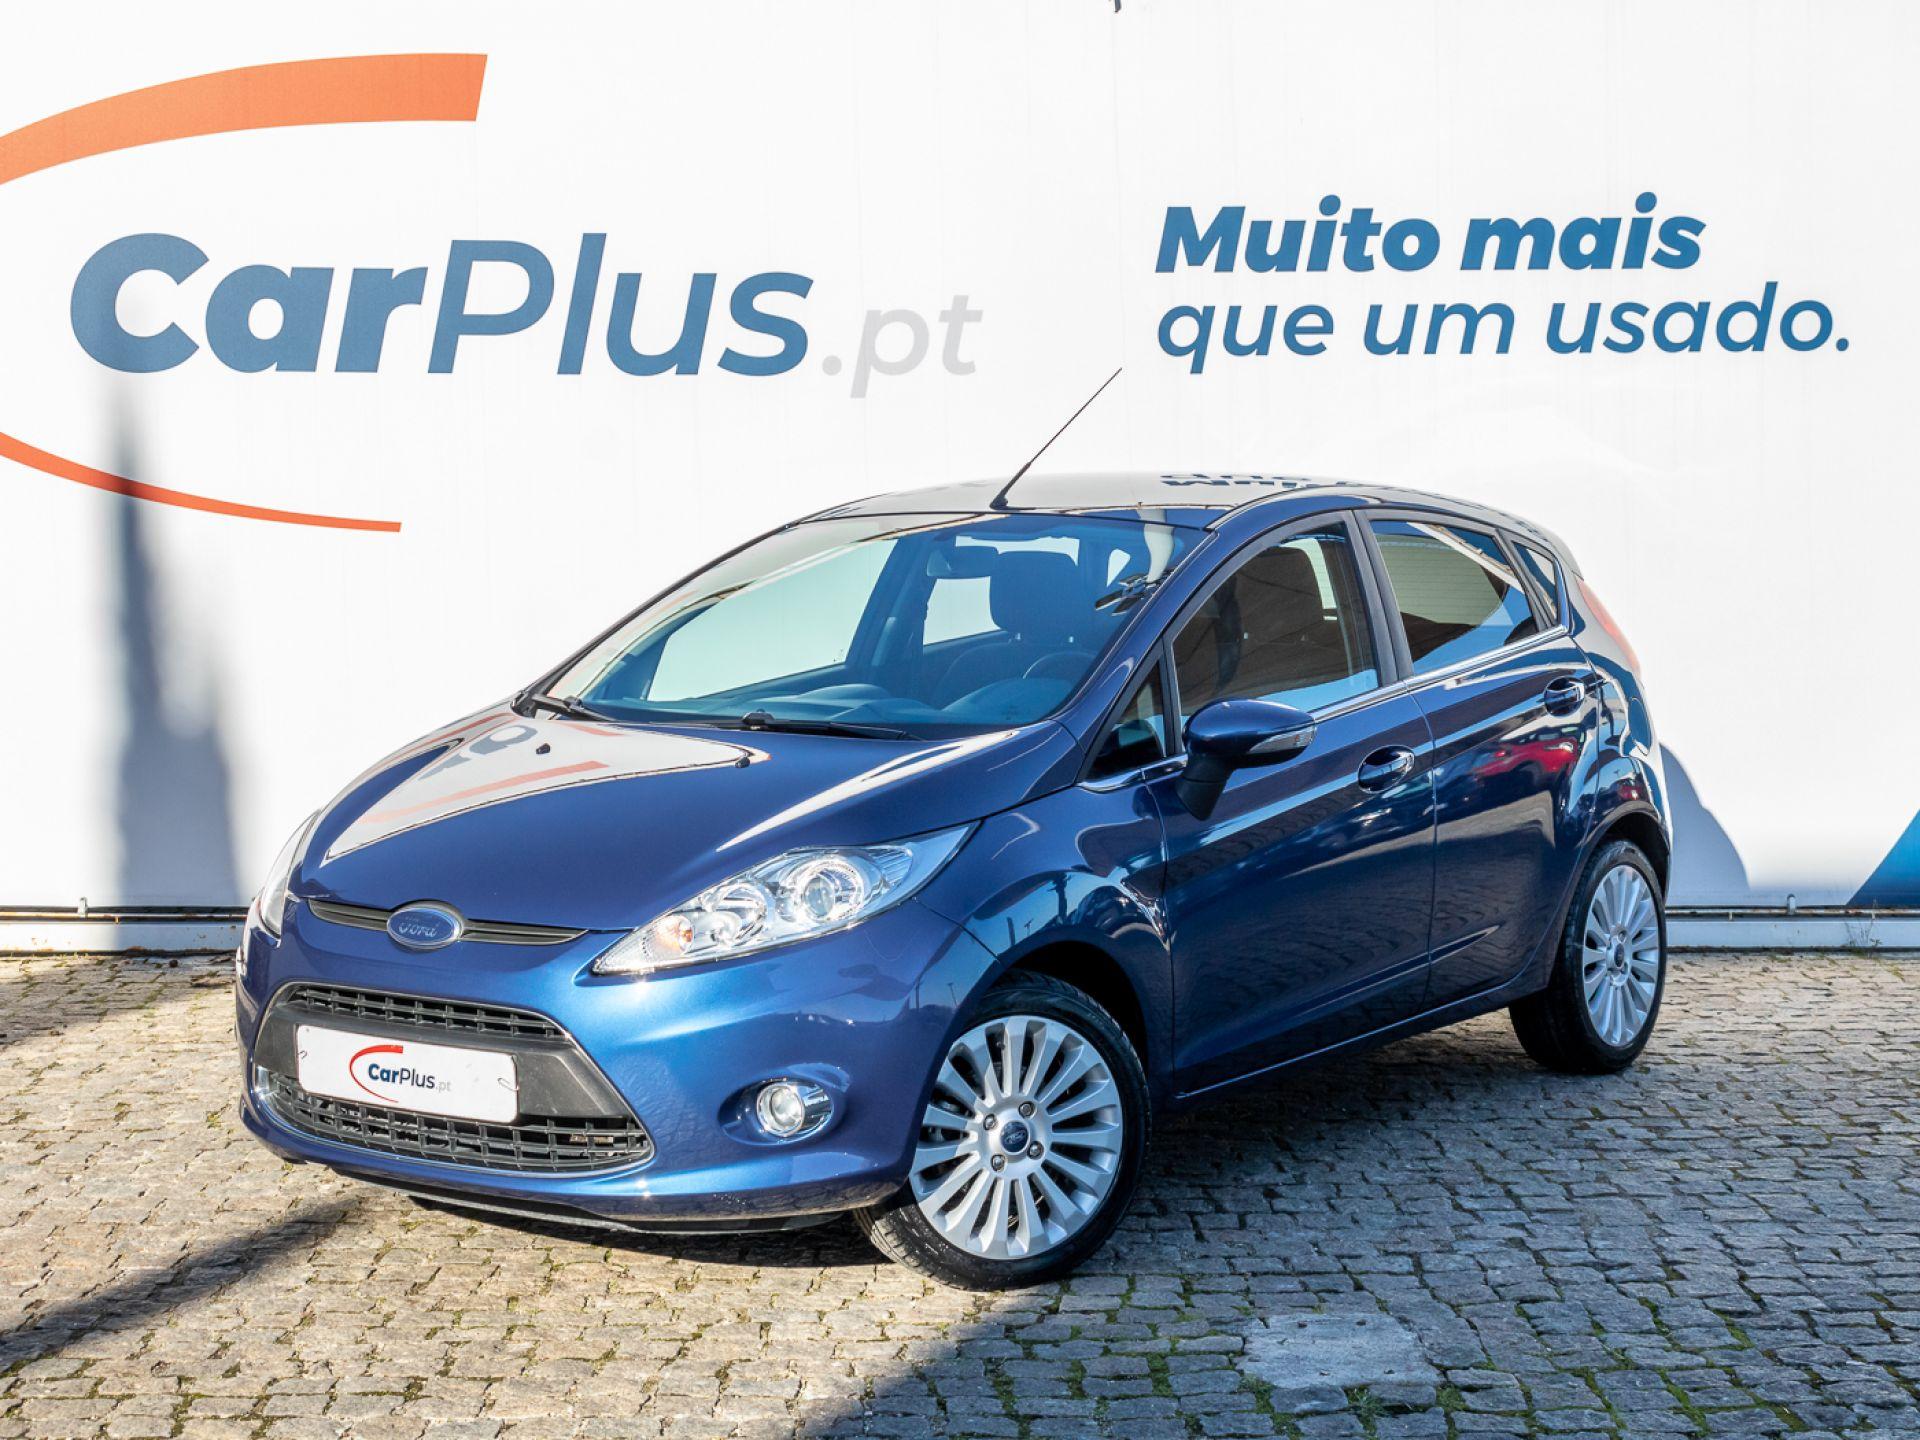 Ford Fiesta 1.25 82CV TITANIUM segunda mão Lisboa